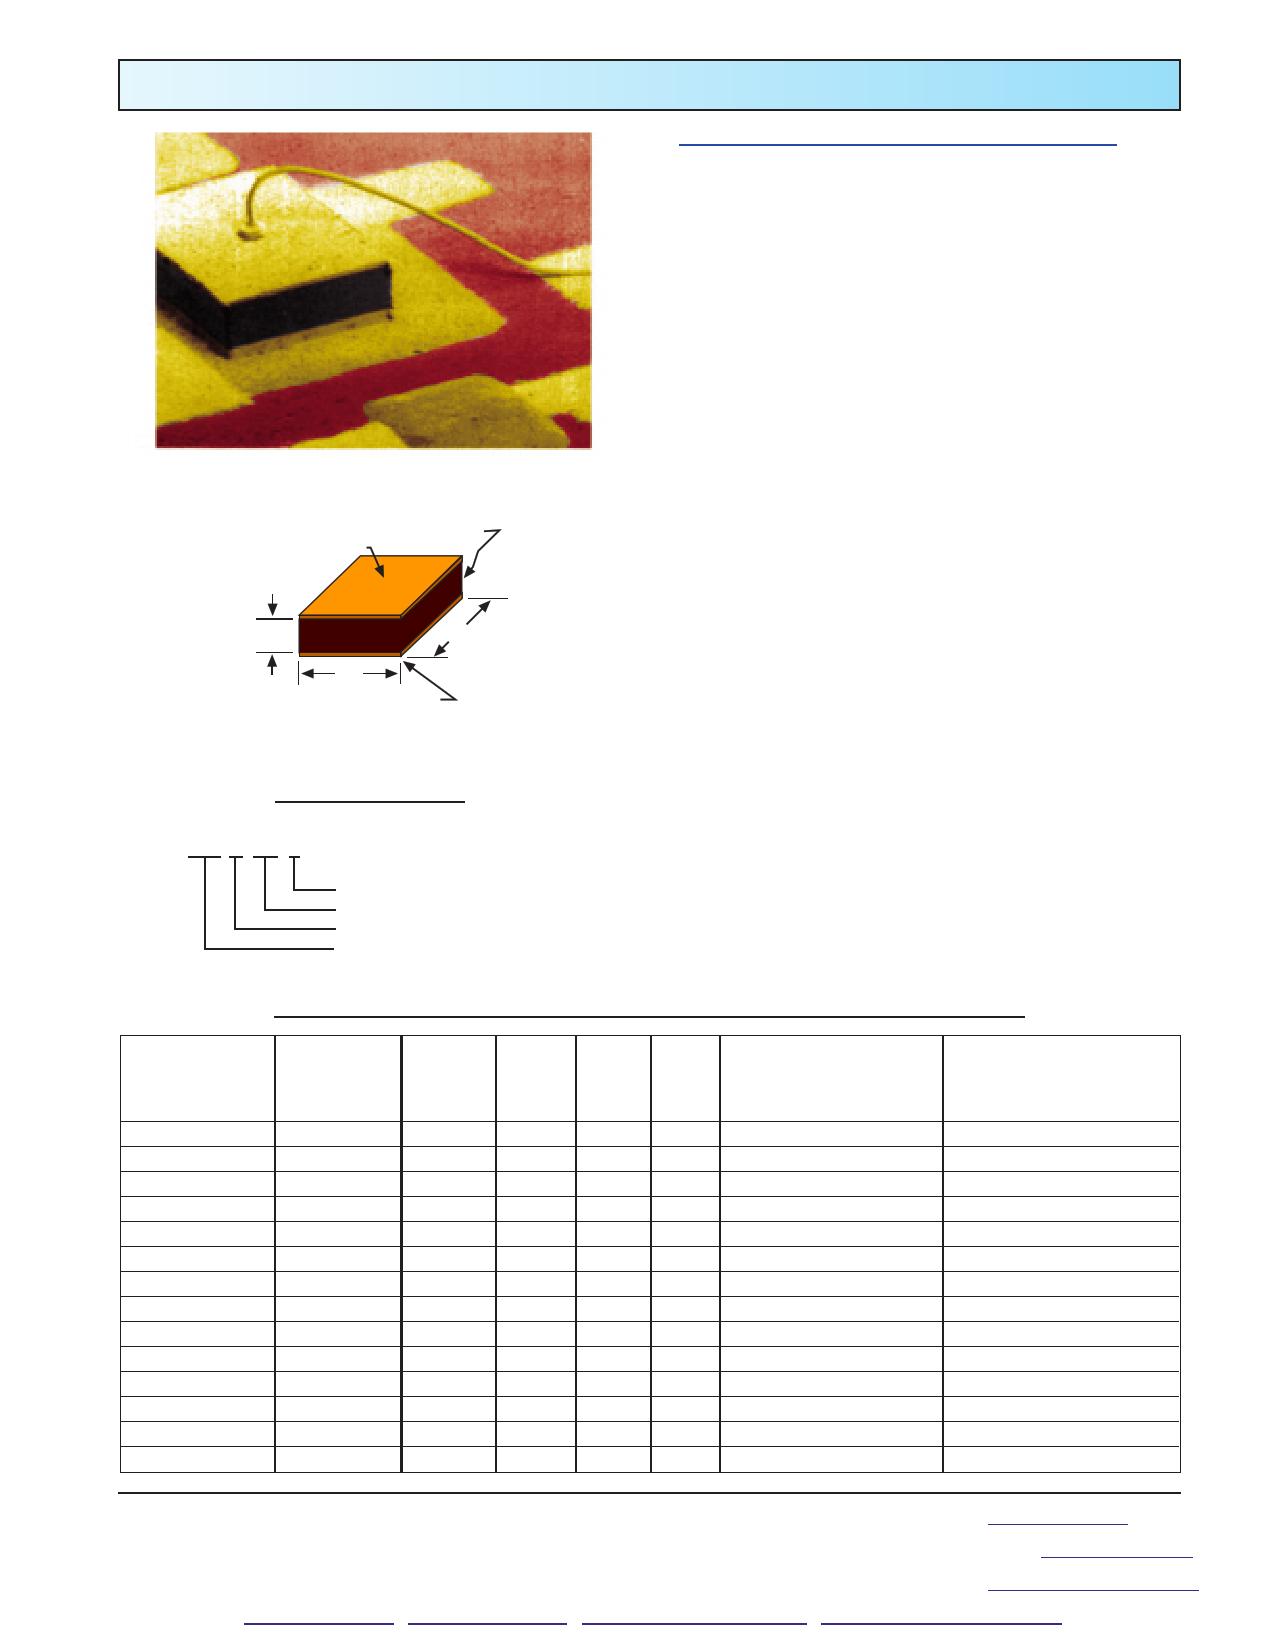 2.2K3CG3 datasheet